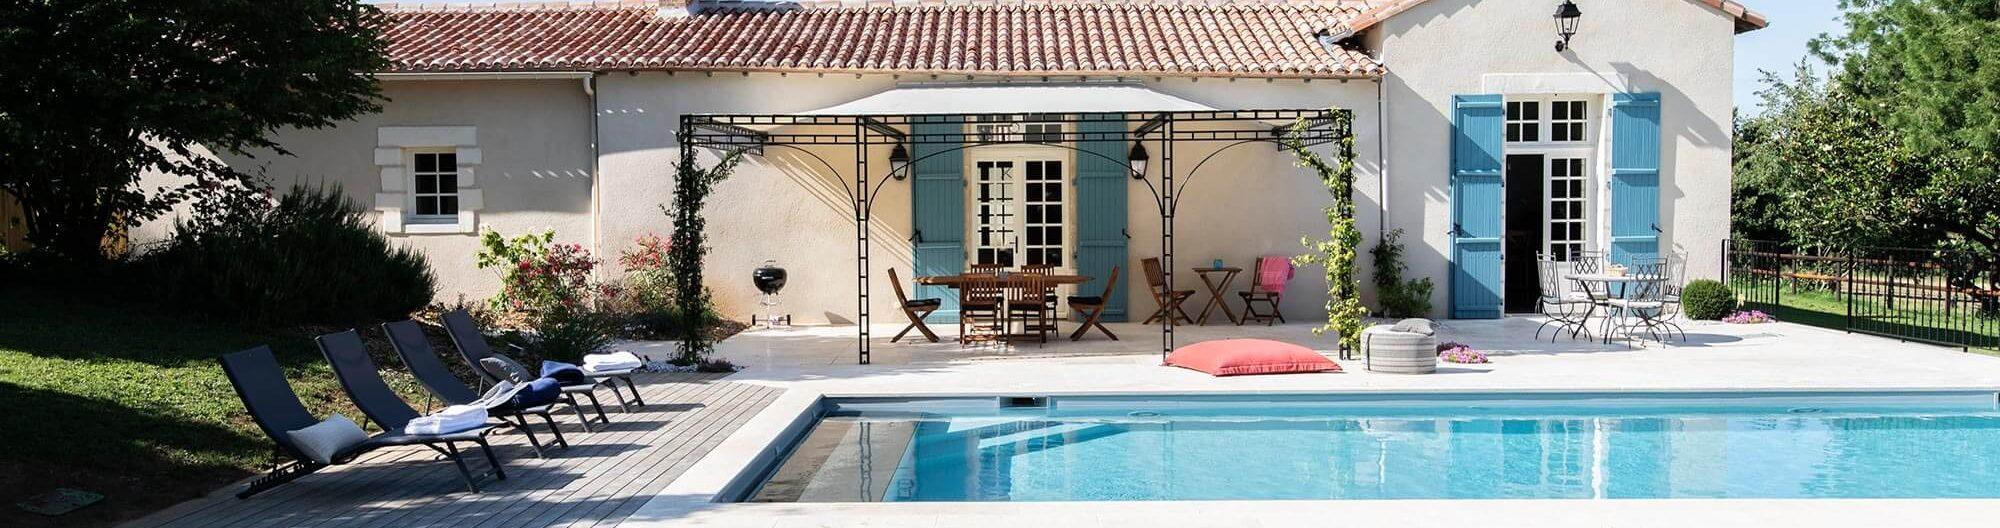 l-esprit-piscine_Tremblais-créateur-(49)_Photo-Fred-Pieau_SEC16